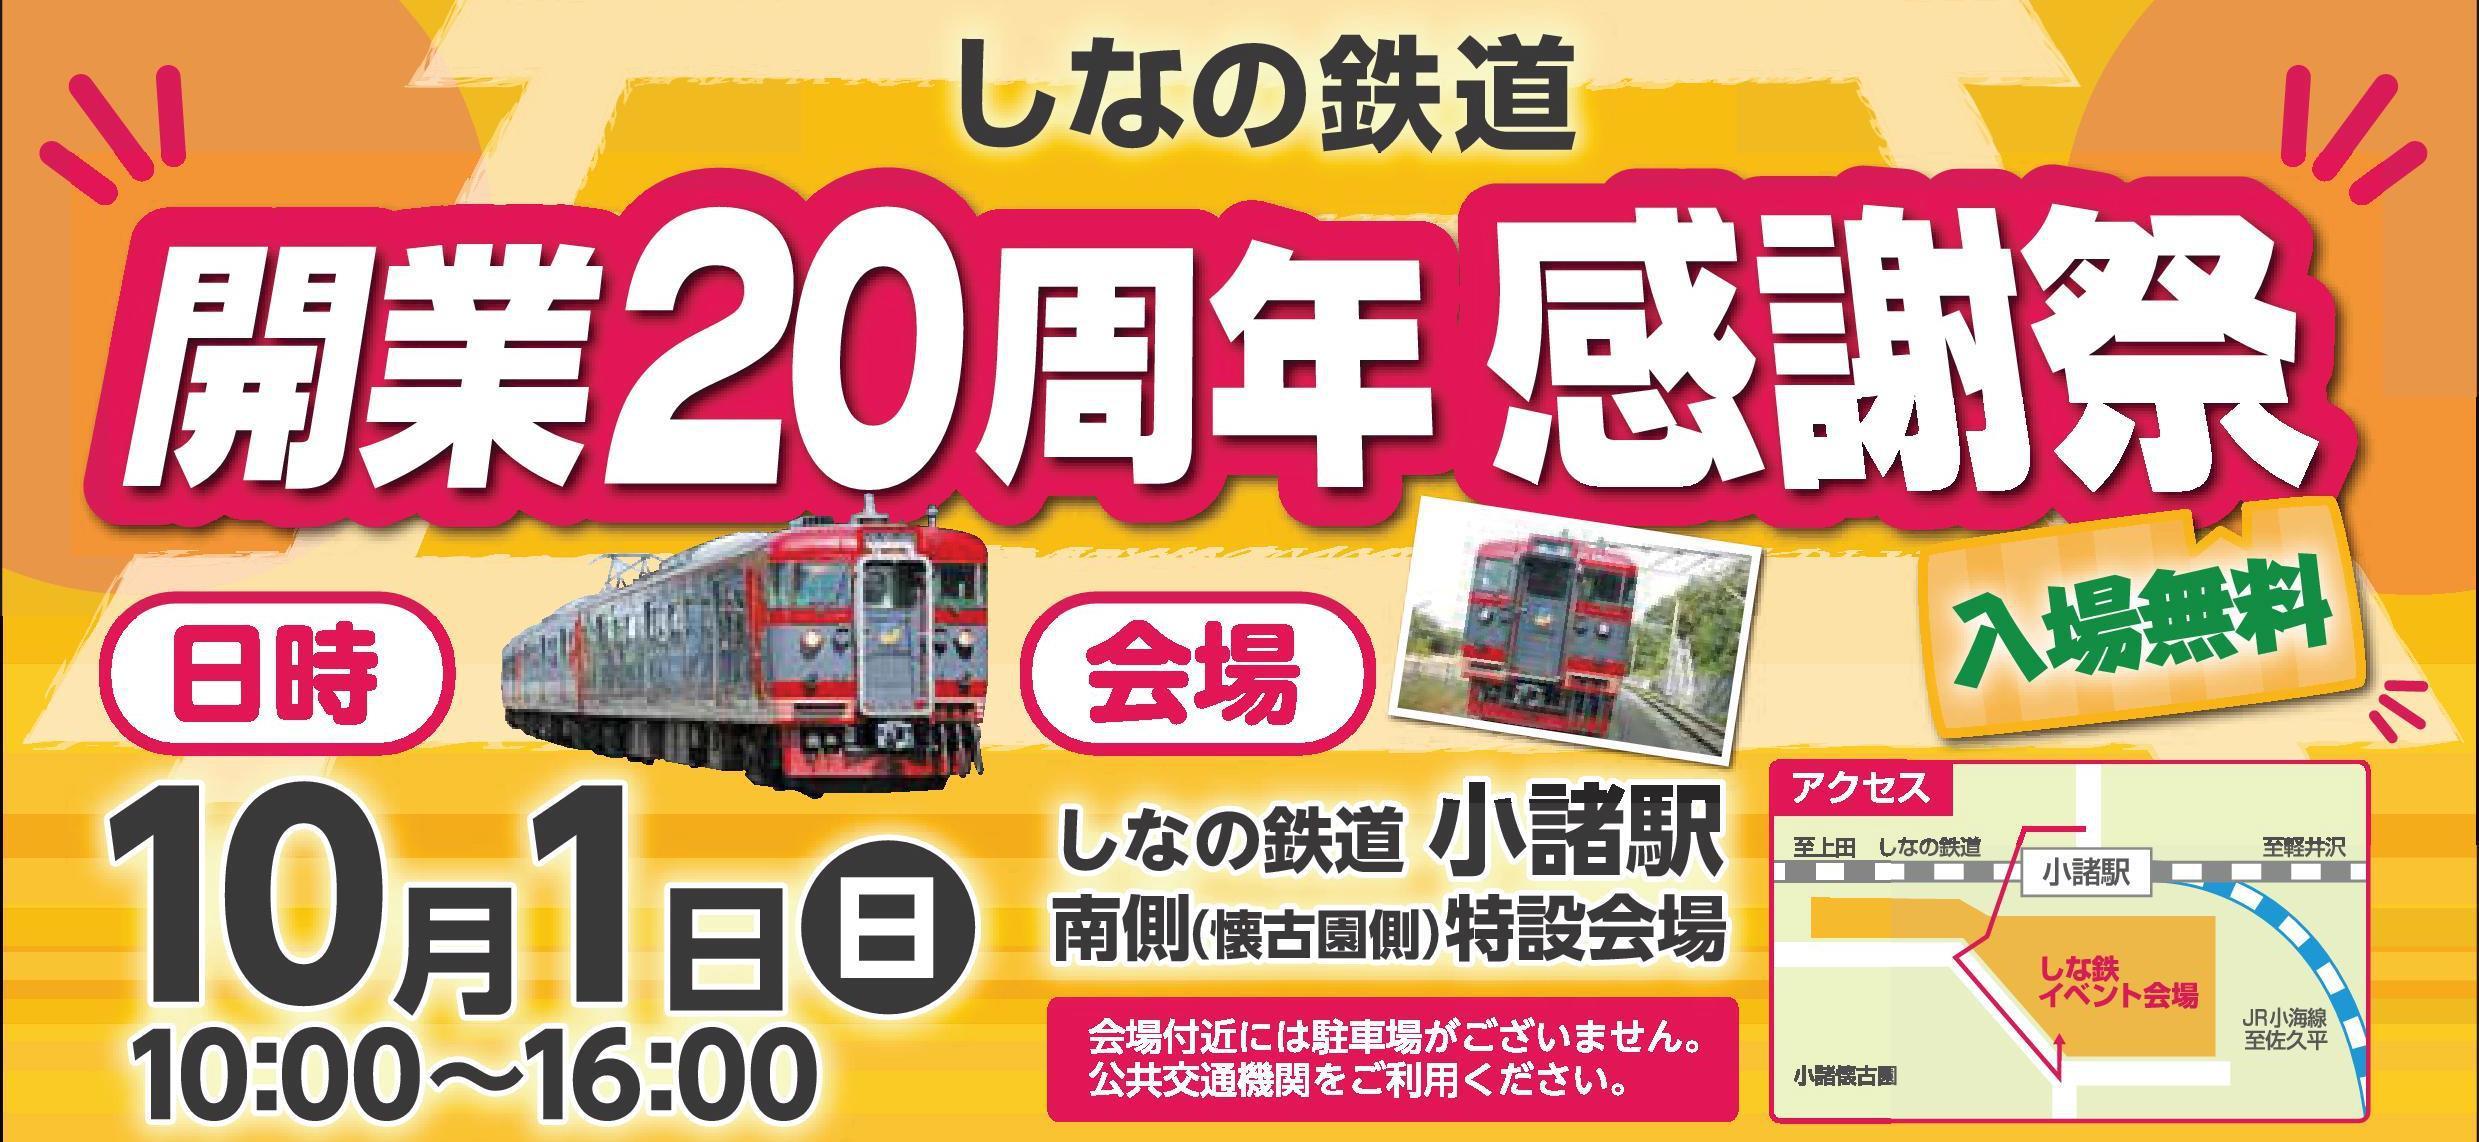 20170915_kansyasai_1.jpg